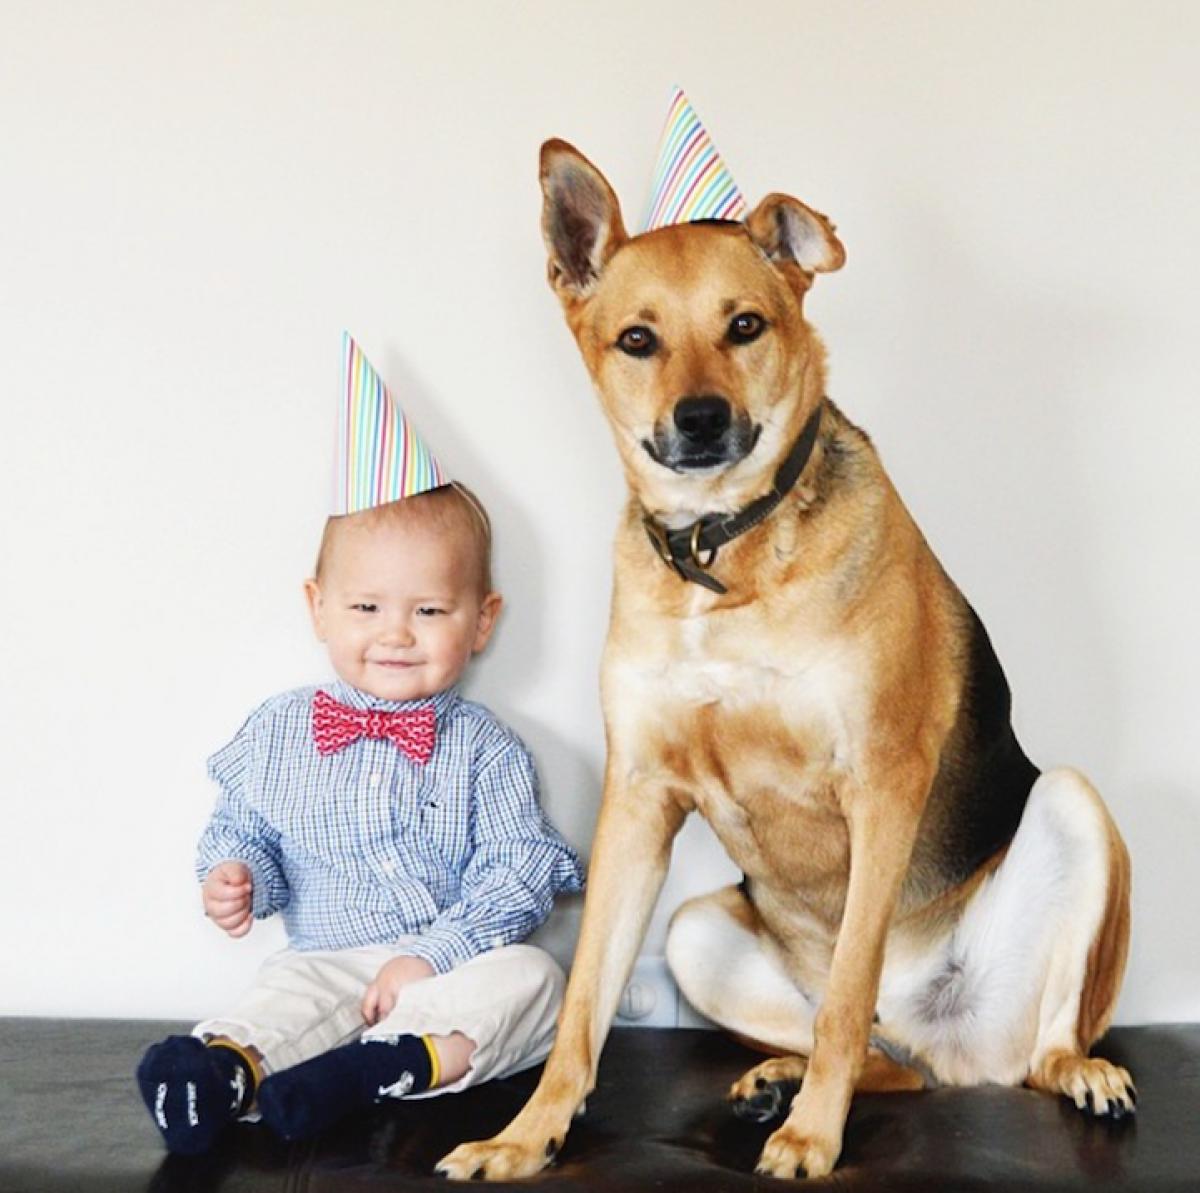 Θαυμάστε ένα γλυκό μικρούλη που φωτογραφίζεται μαζί με το σκύλο του